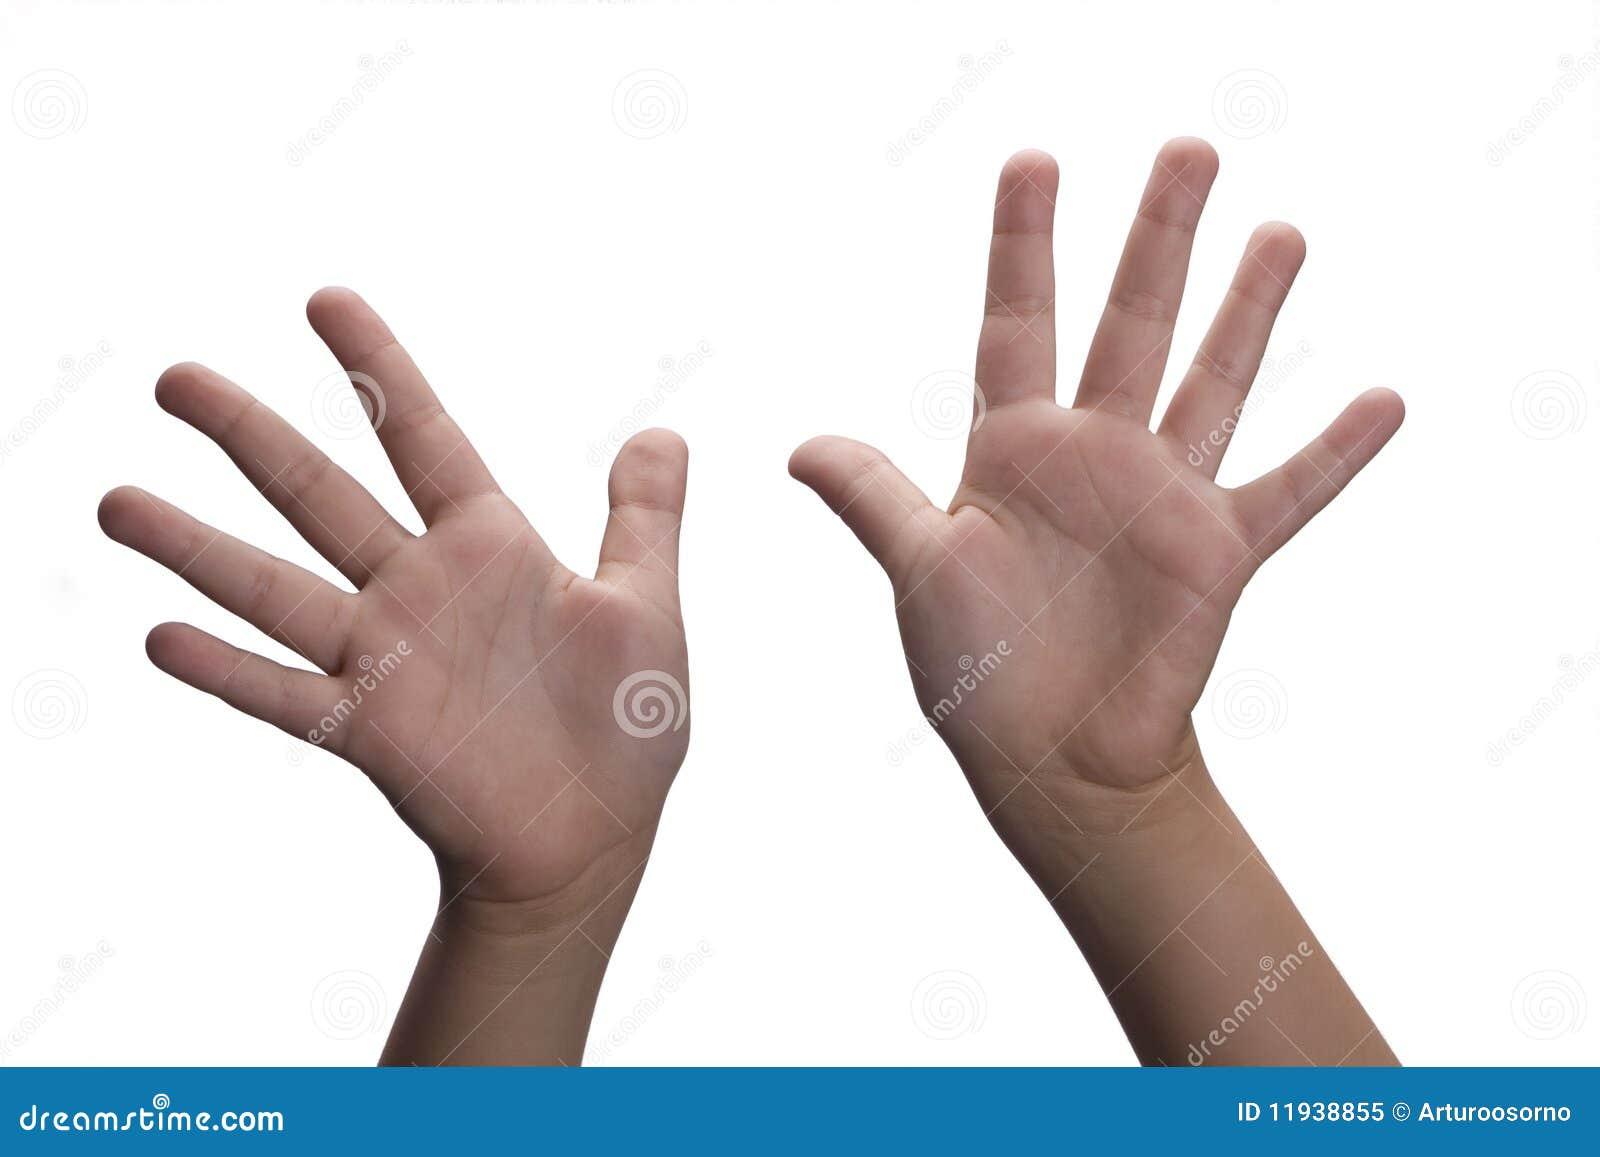 Hände öffnen sich